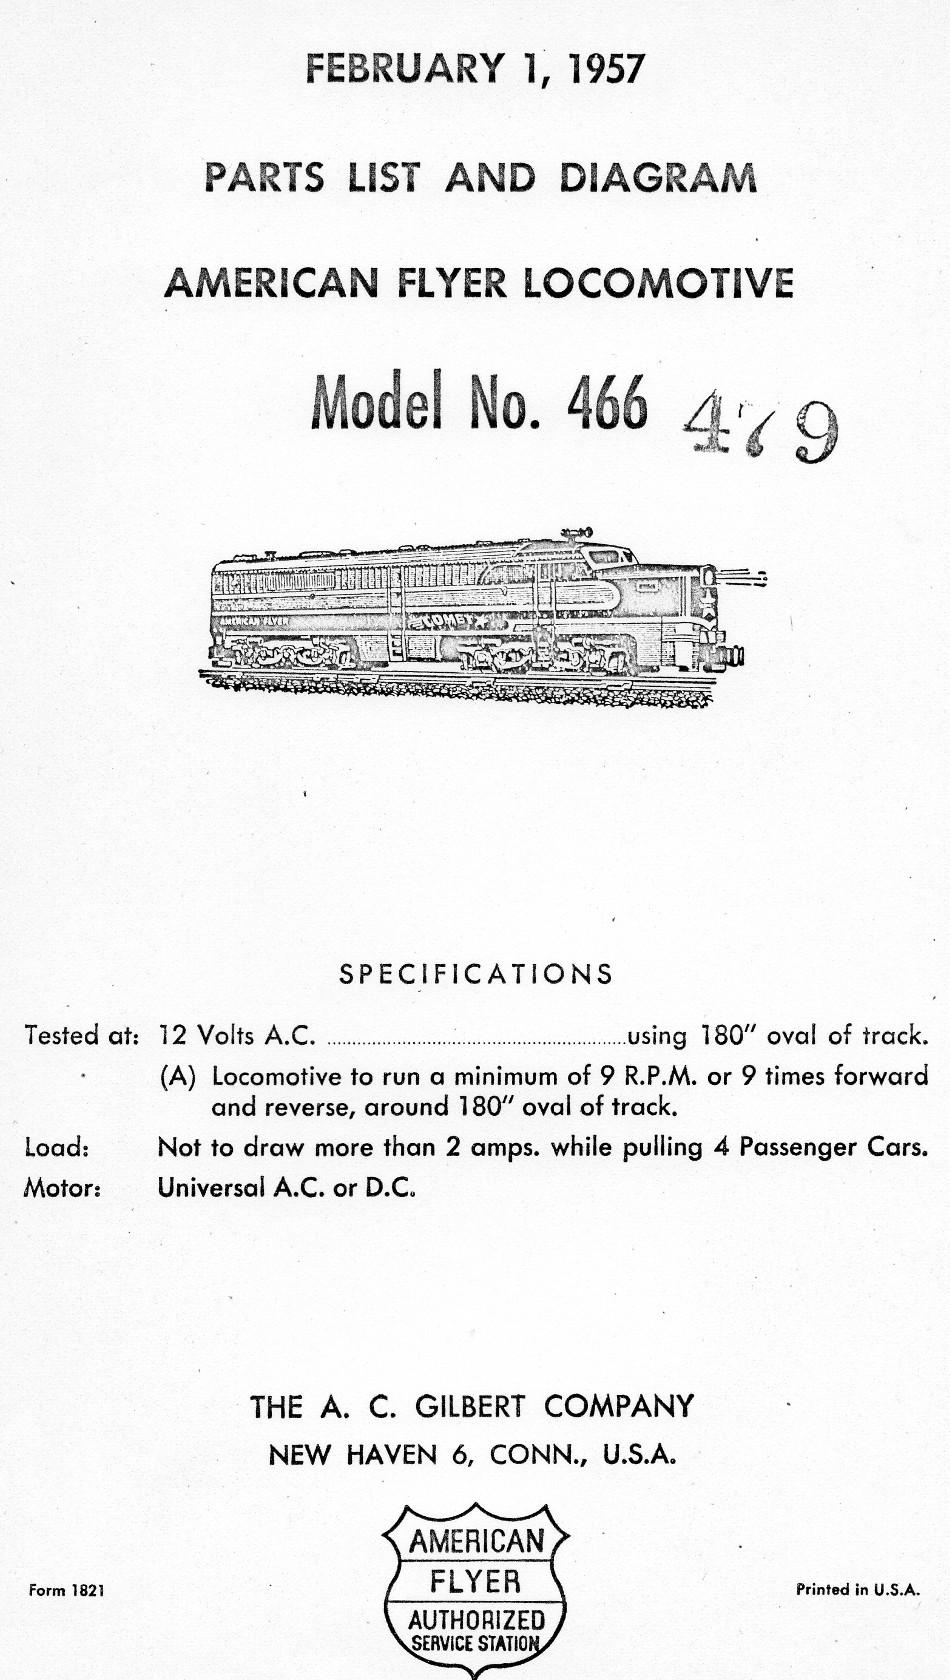 American Flyer Locomotive & Tender 466 Parts List & Diagram - Page 1